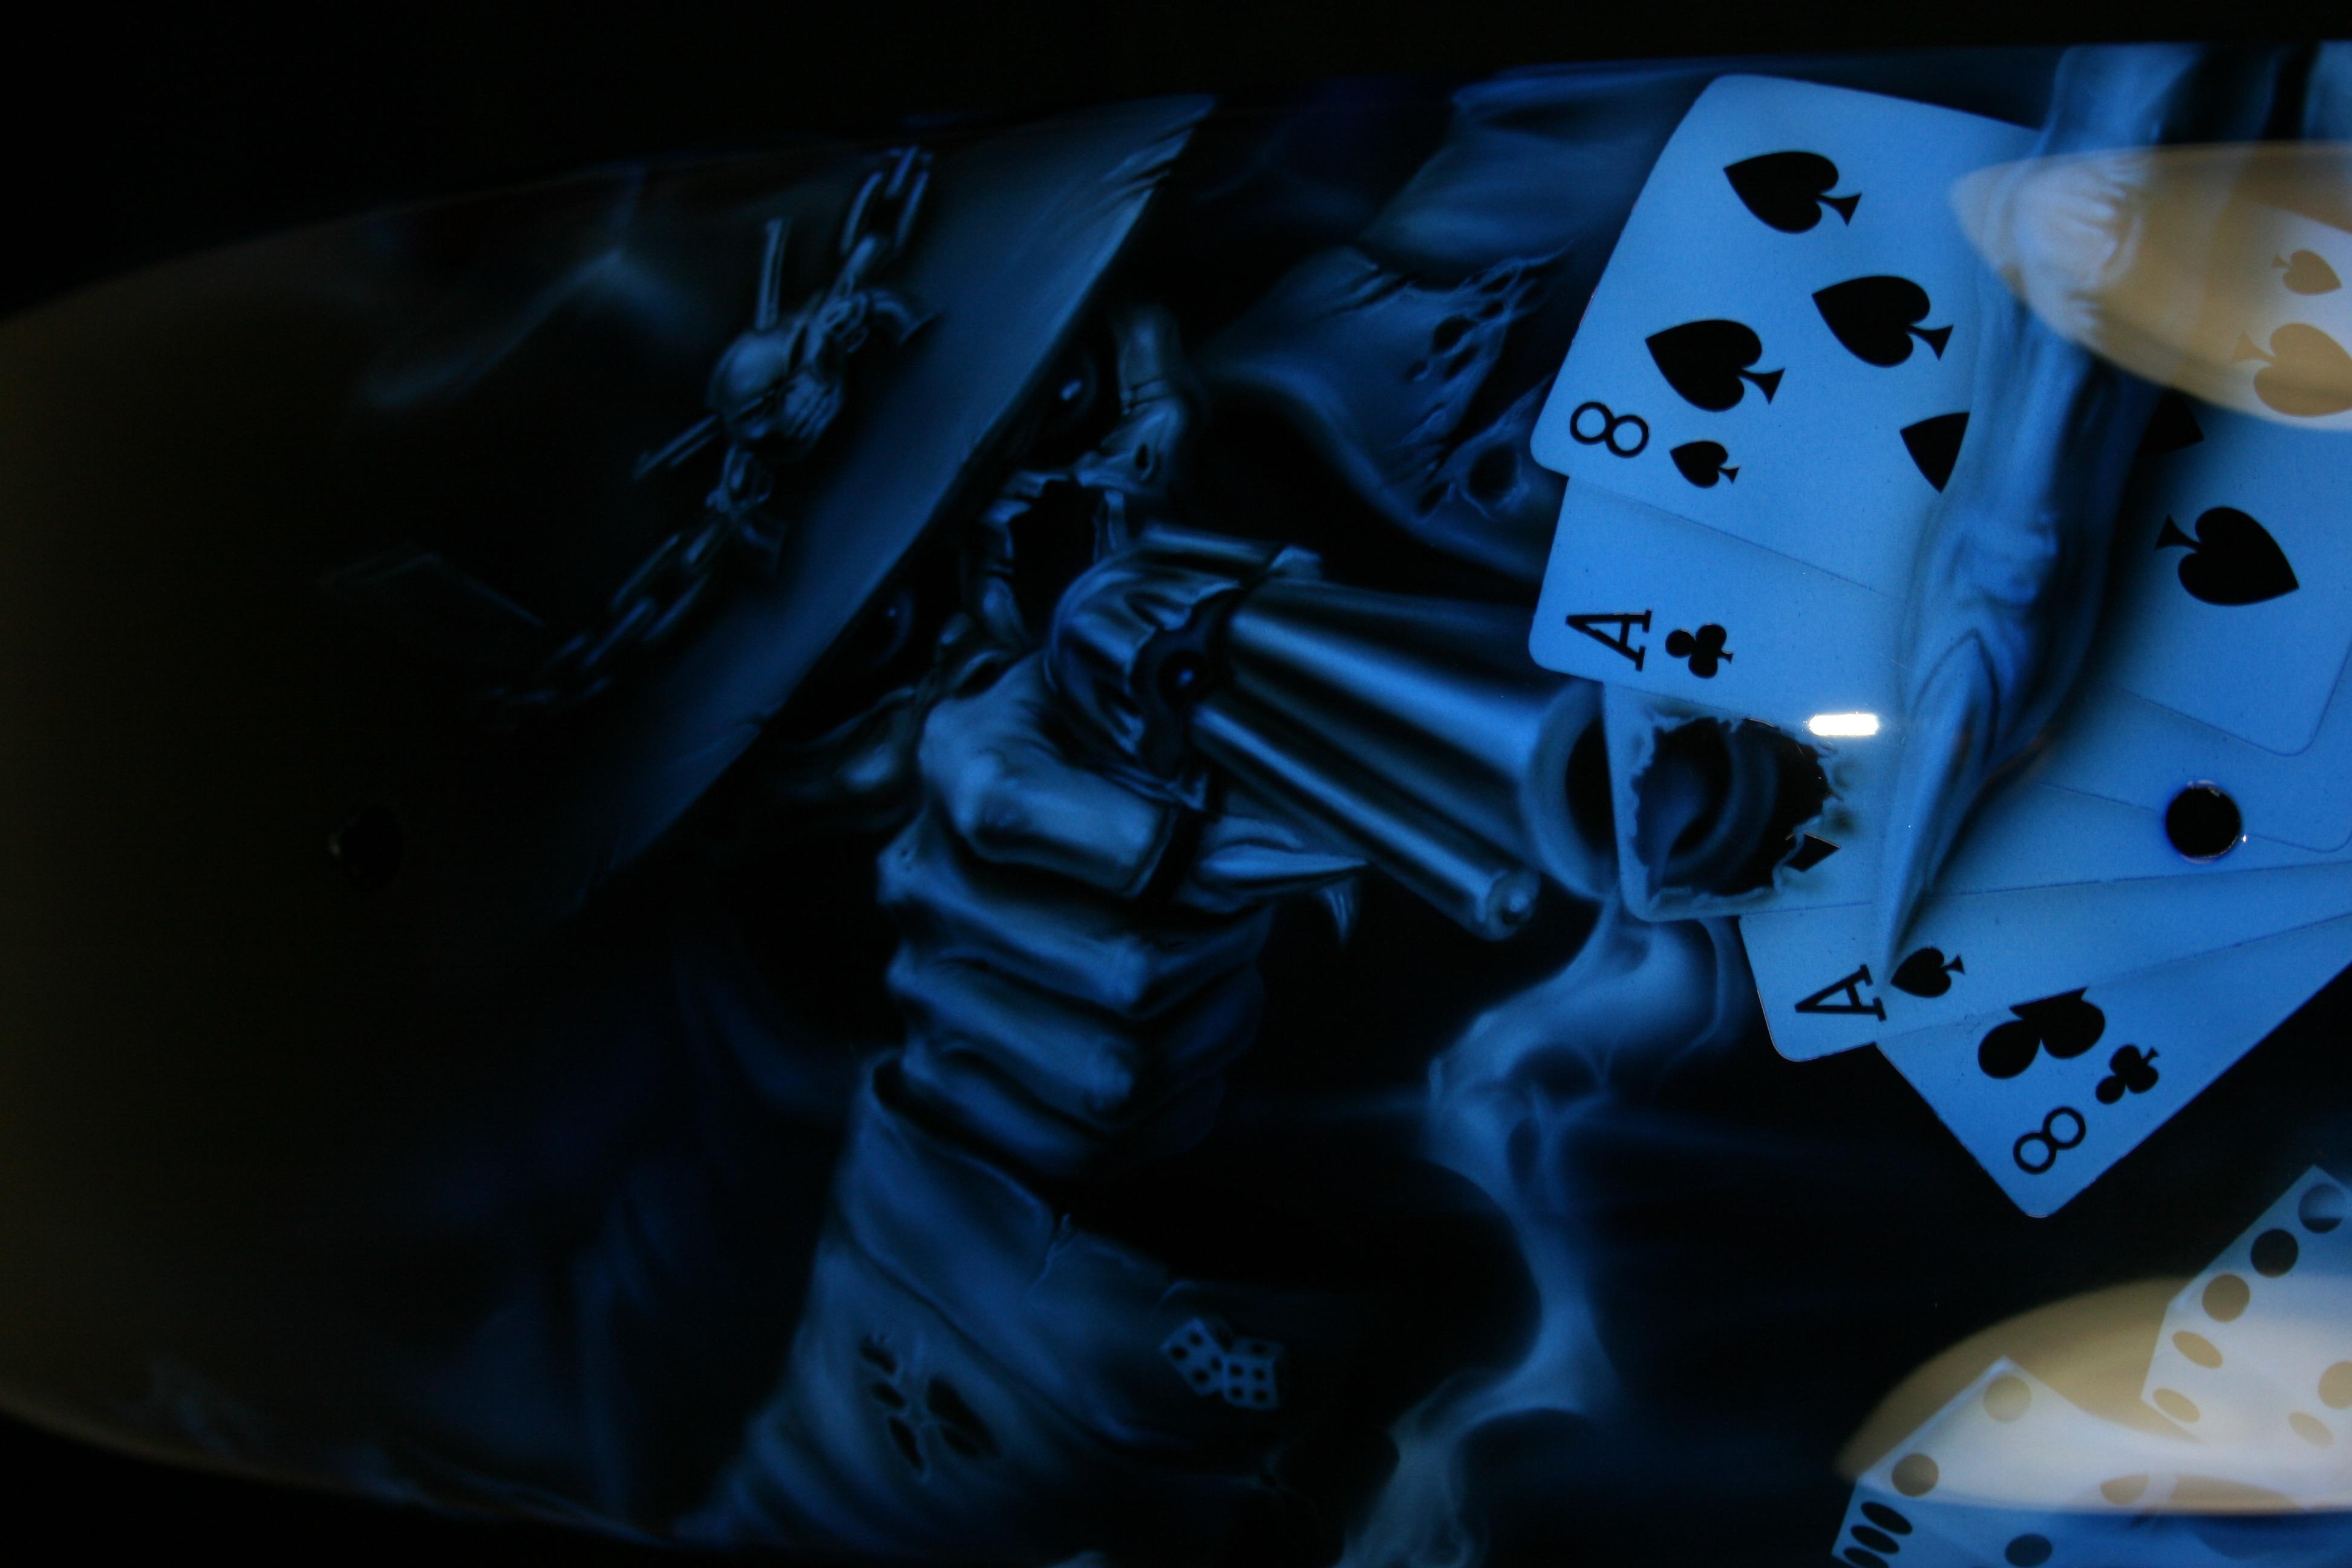 GAMBLER BIKE 2